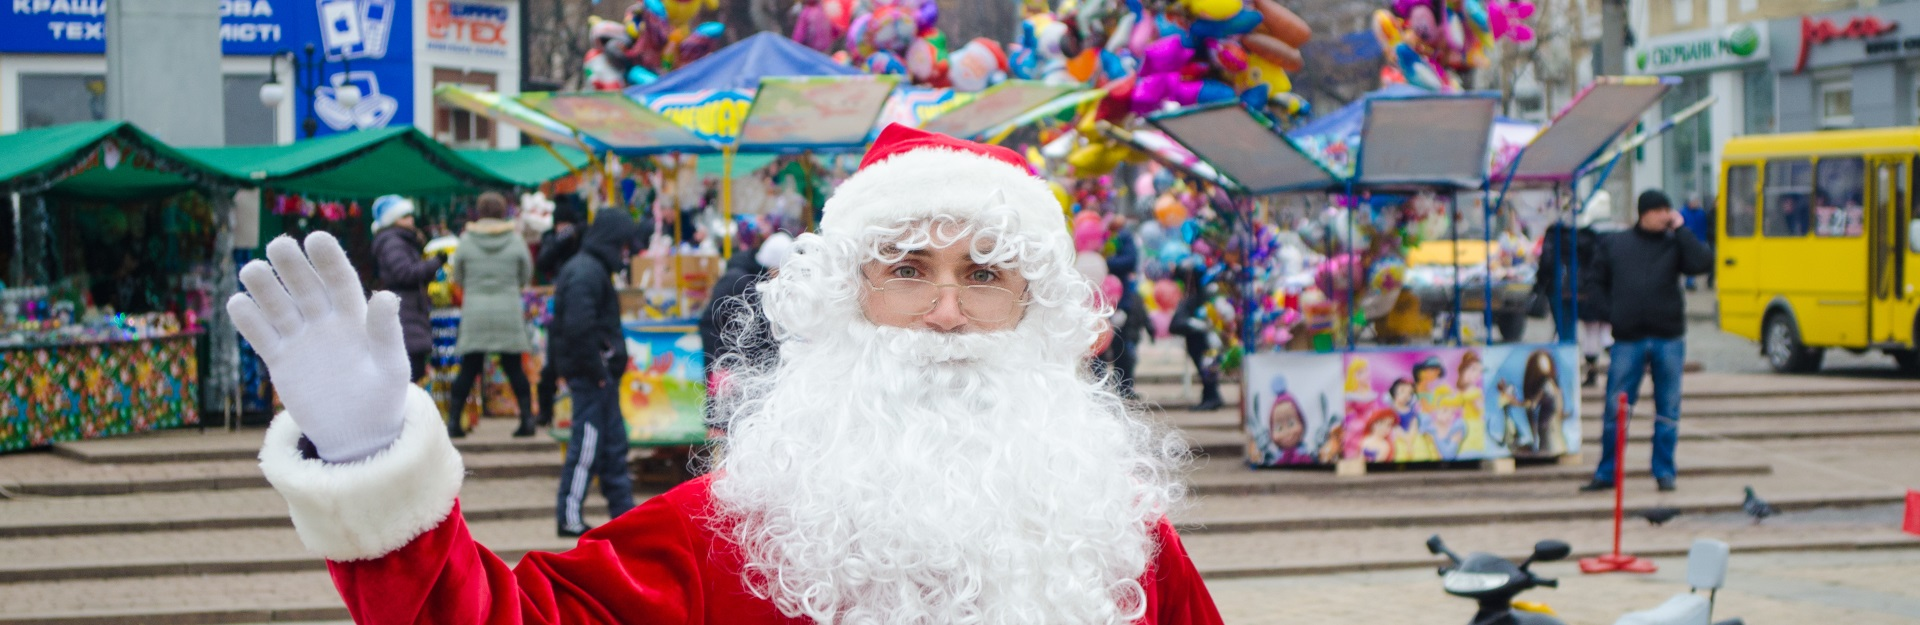 Дед Мороз в окно в Киеве